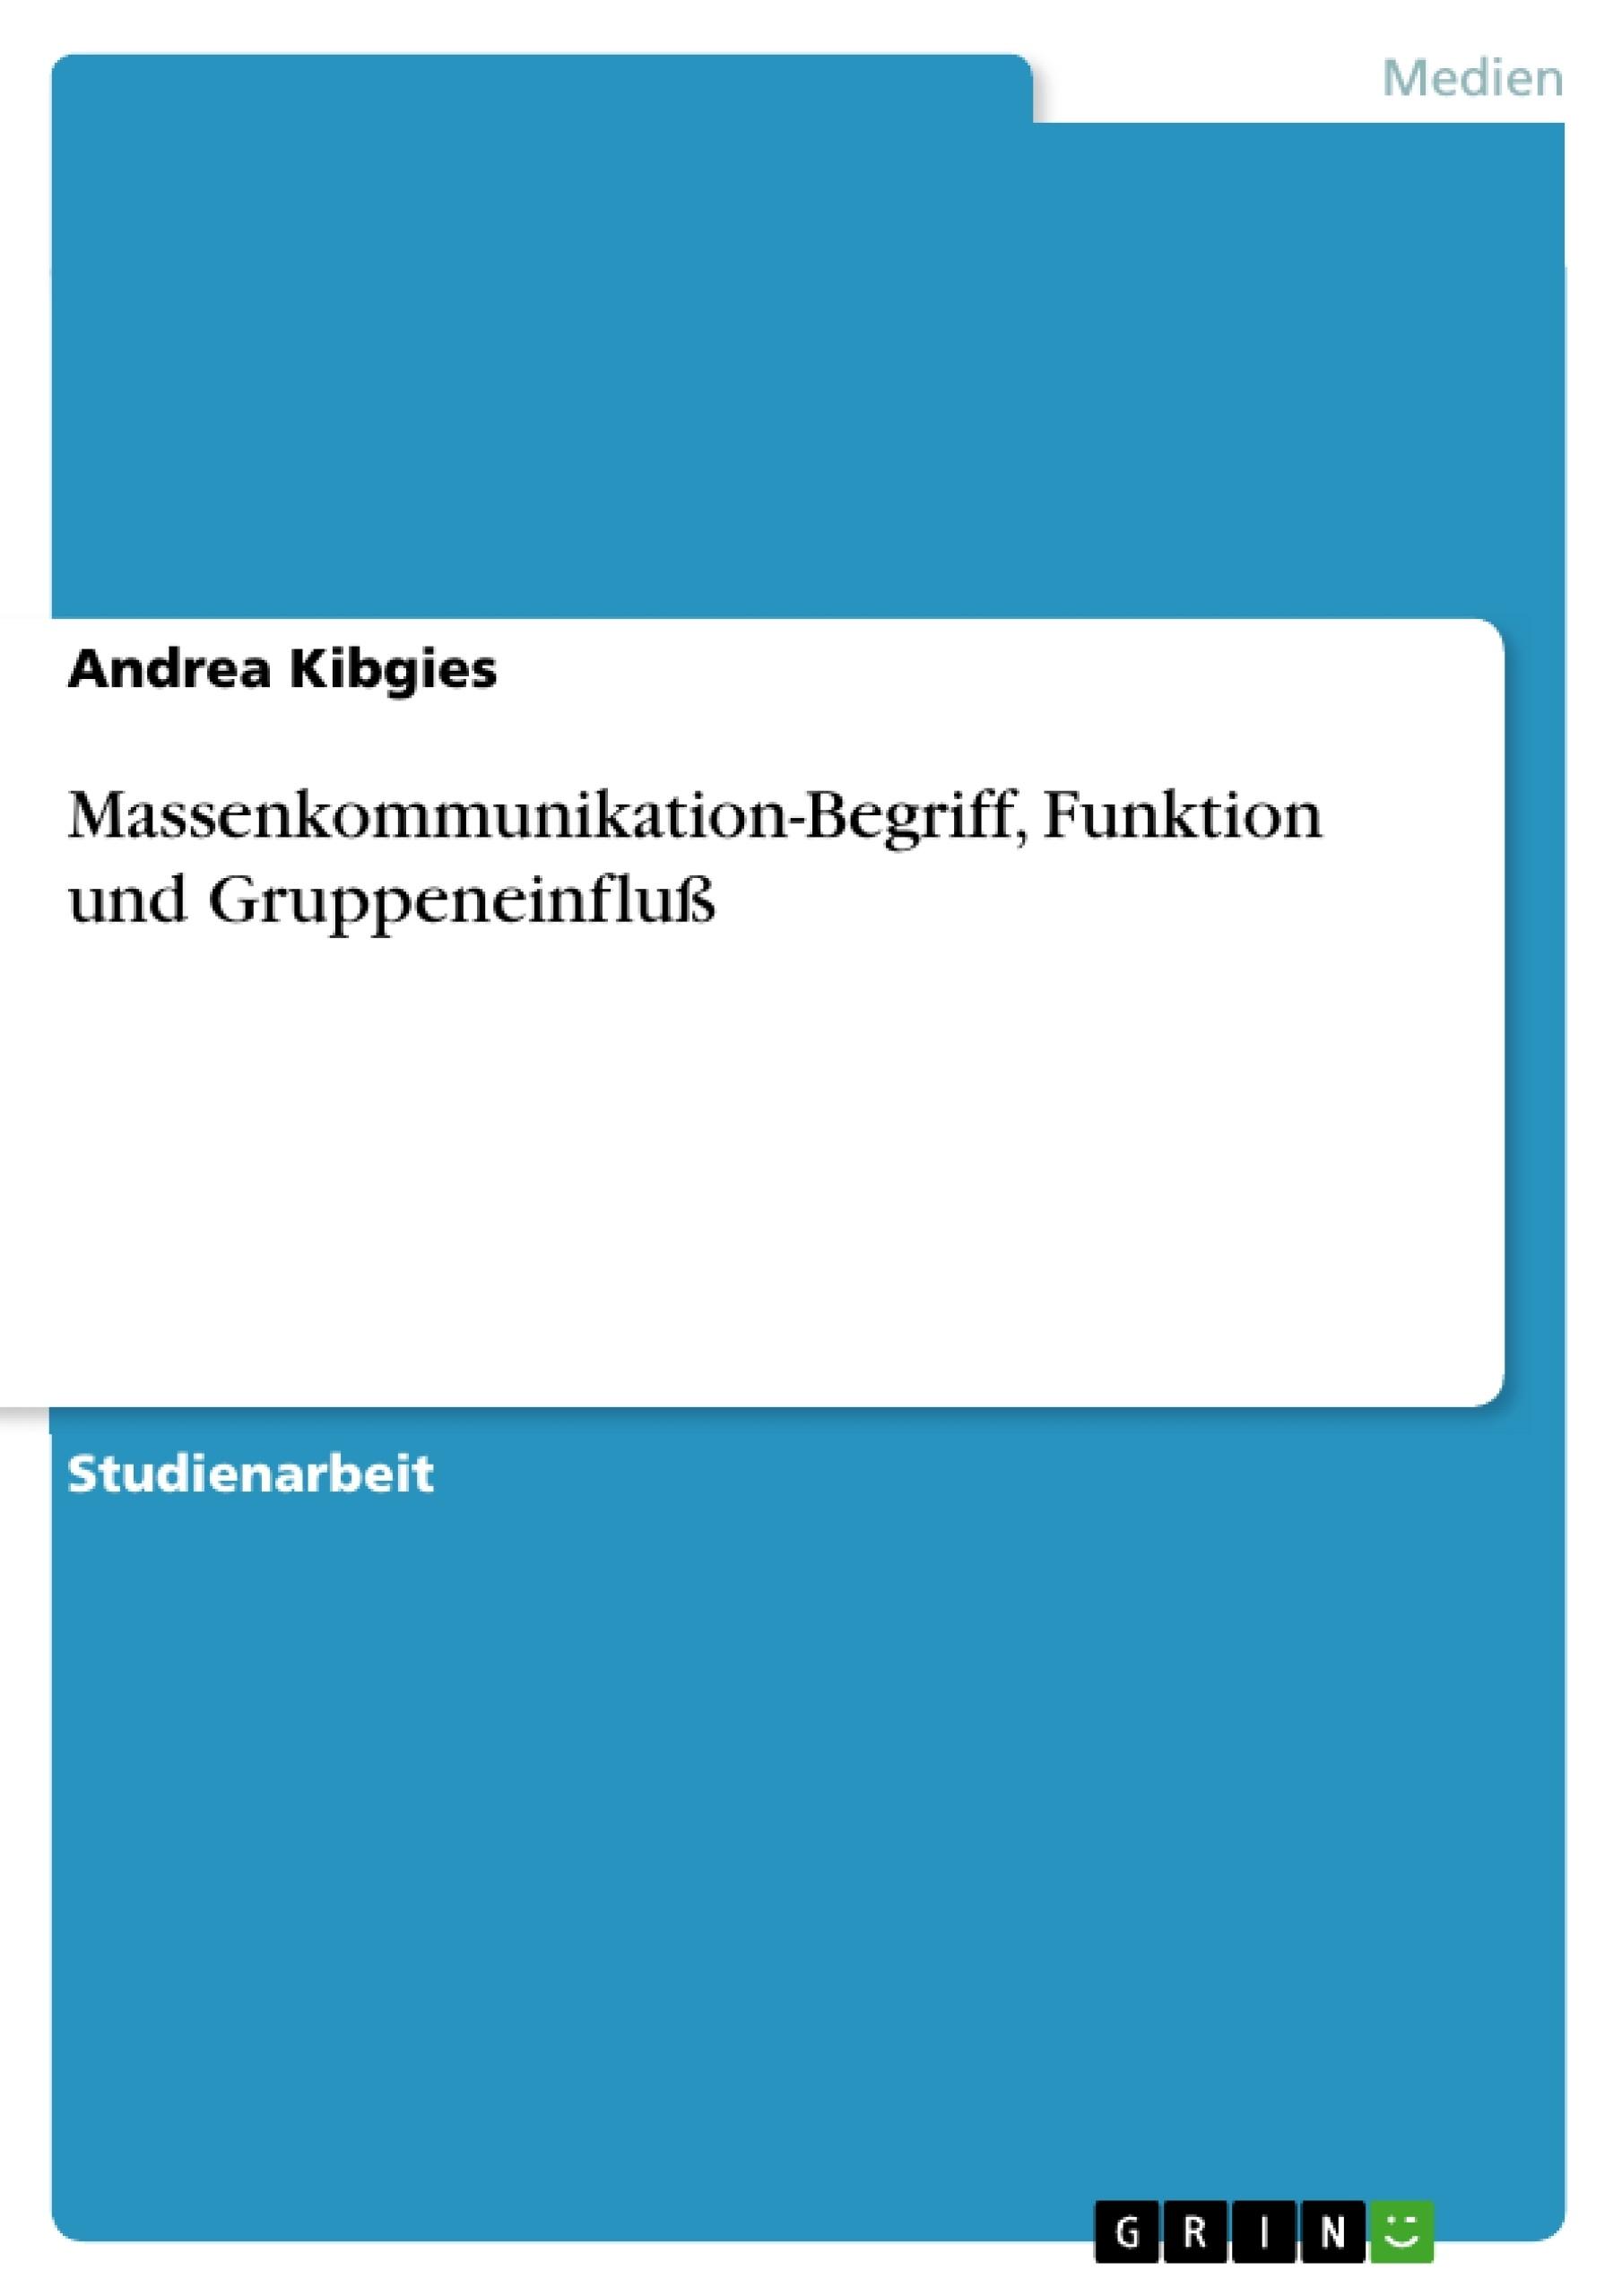 Titel: Massenkommunikation-Begriff, Funktion und Gruppeneinfluß